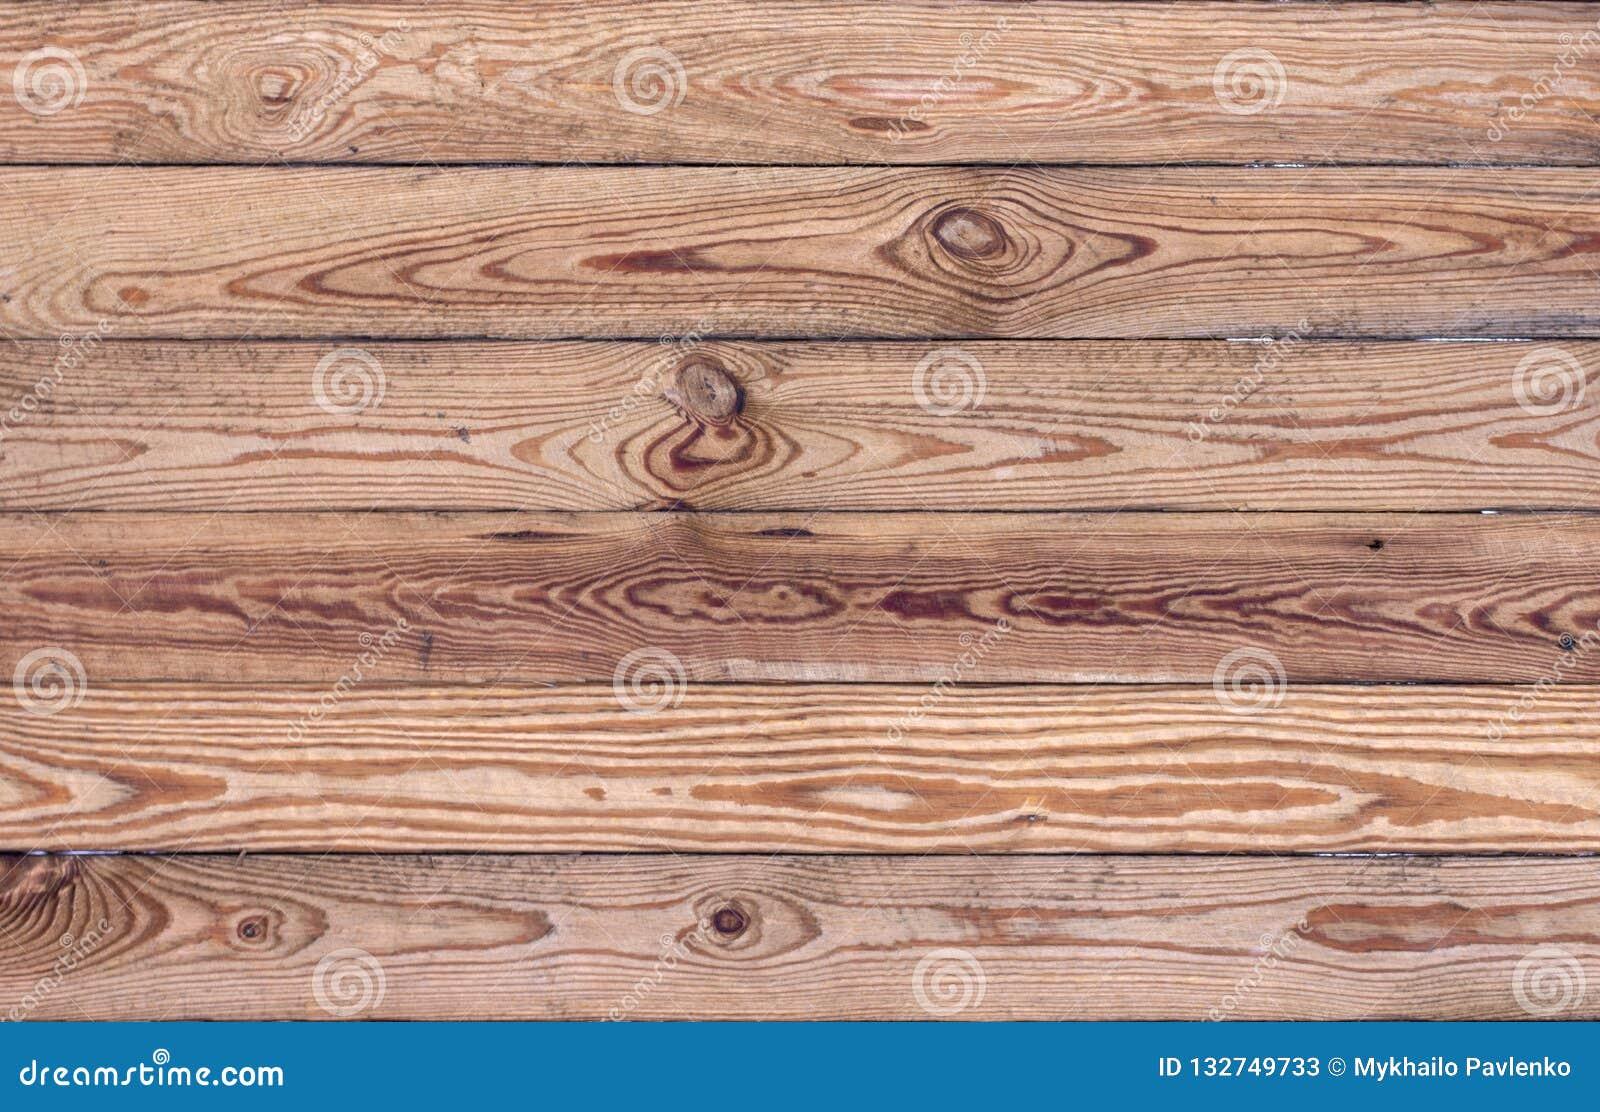 Houten bruine korreltextuur, hoogste mening van de houten achtergrond van de lijst houten muur